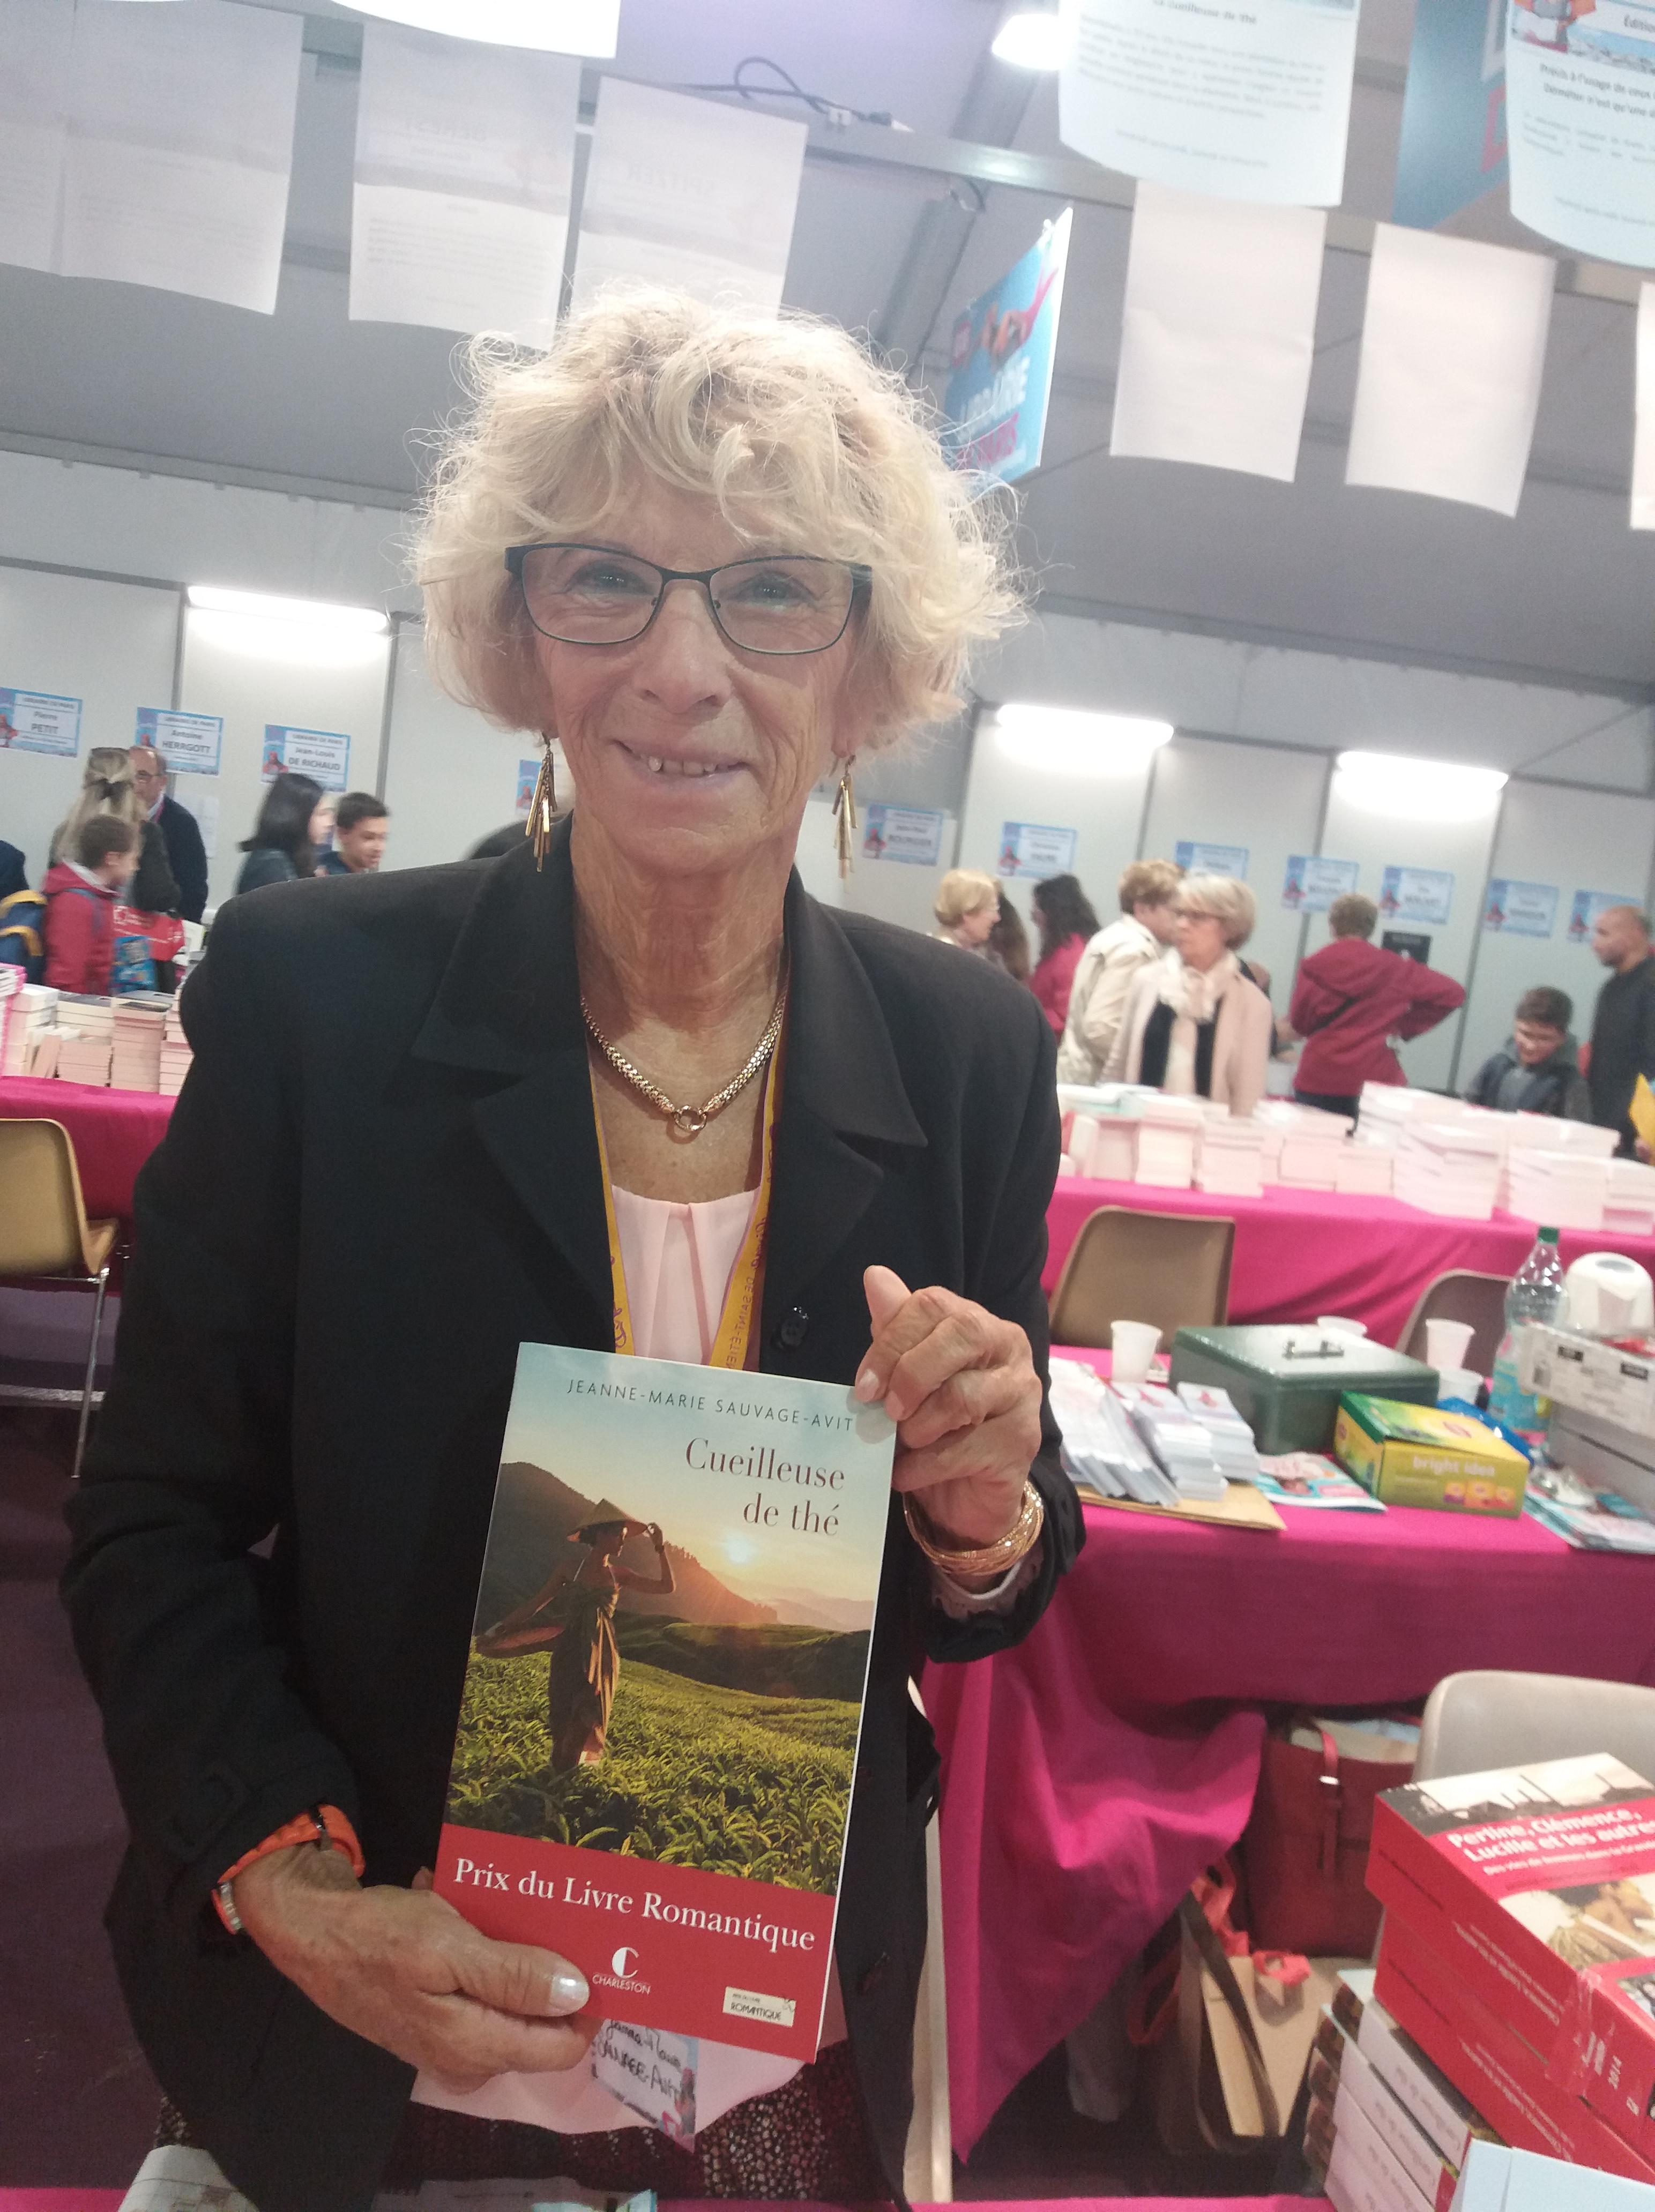 Fête du livre St Etienne 2017 – Sonia boulimique des livres